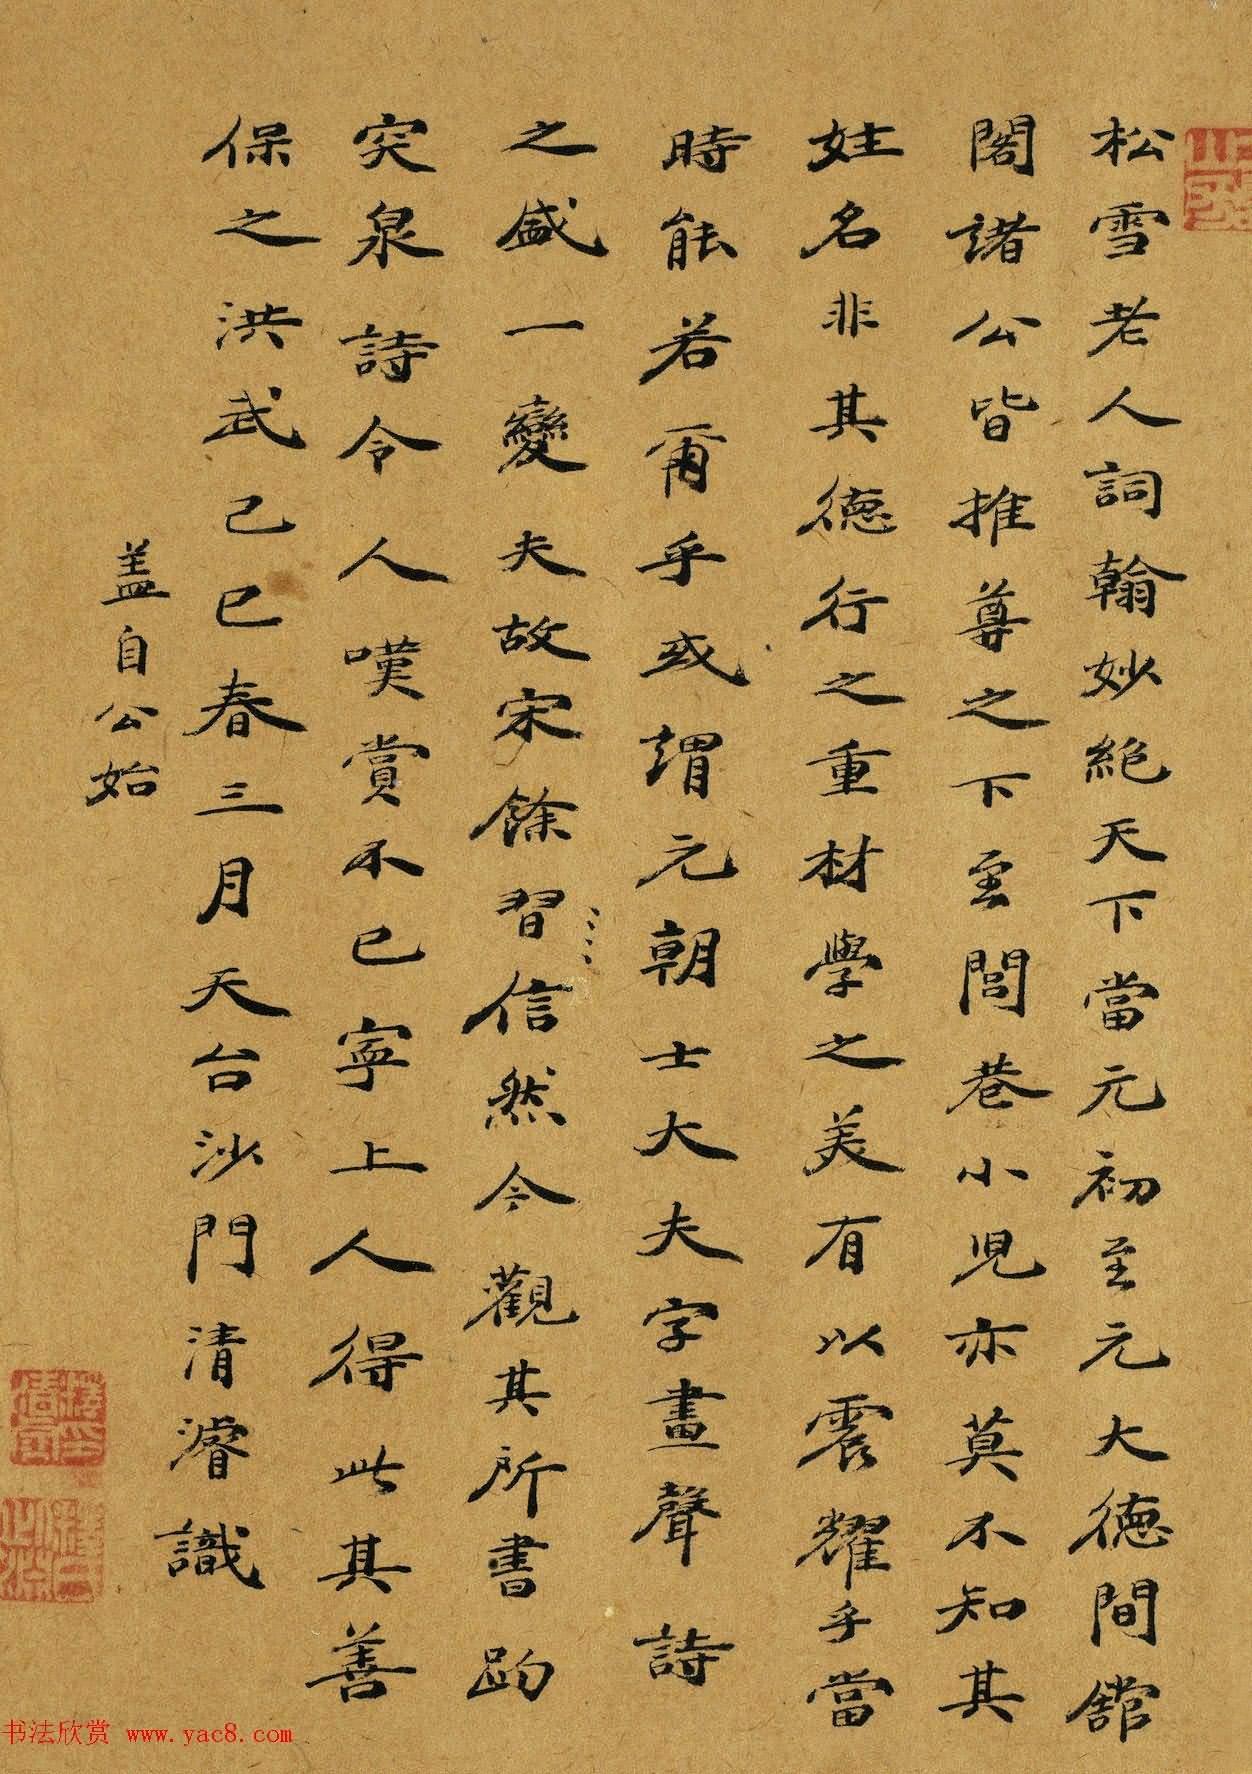 沙門僧人書法題跋松雪道人趵突泉詩(共1張圖片)